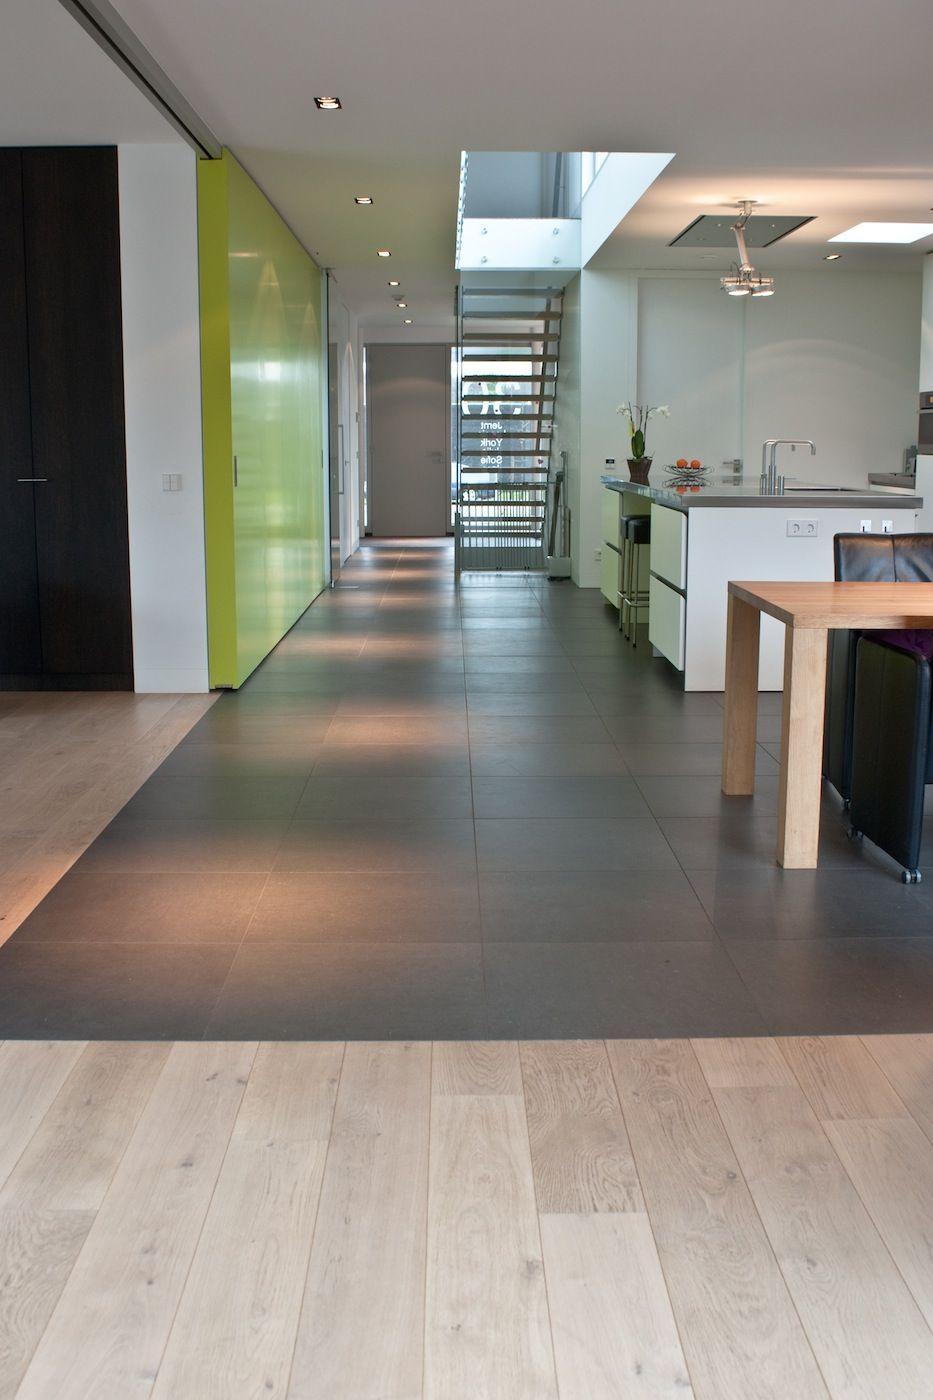 boden f r k che und wohnzimmer in 2019 haus wohnzimmer bodenbelag wohnzimmer und boden. Black Bedroom Furniture Sets. Home Design Ideas